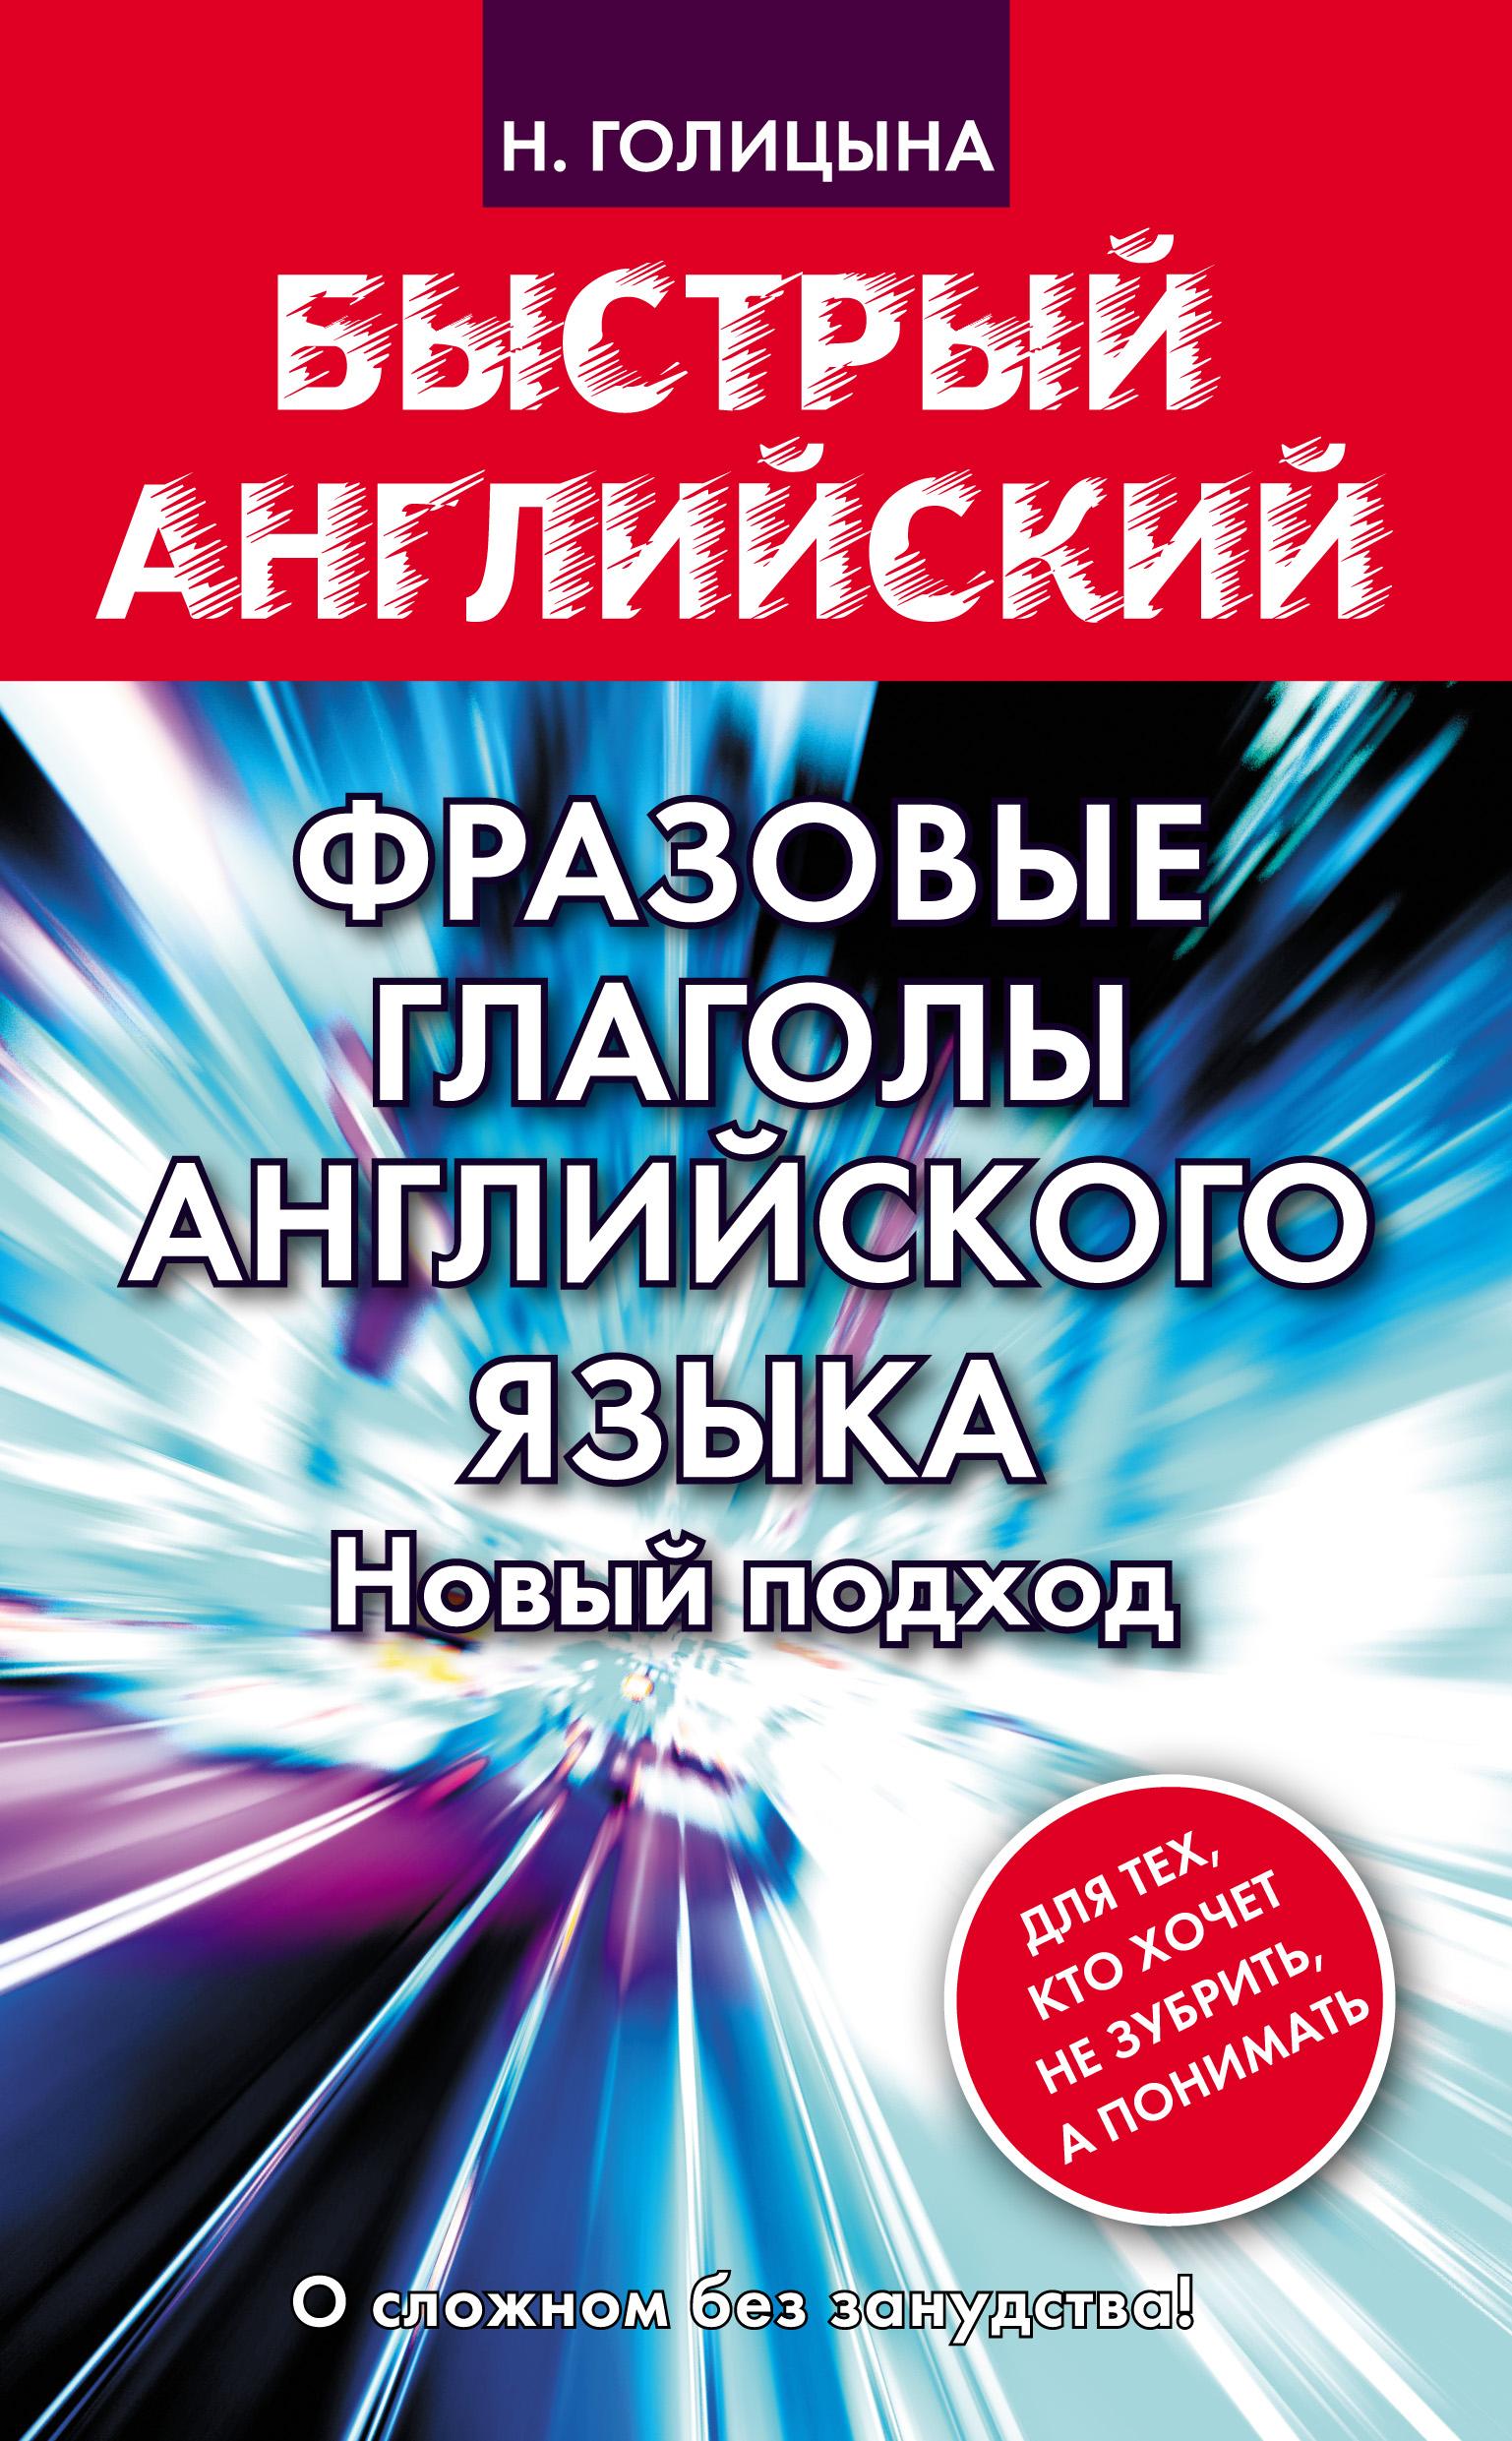 Н. Ю. Голицына Фразовые глаголы английского языка. Новый подход